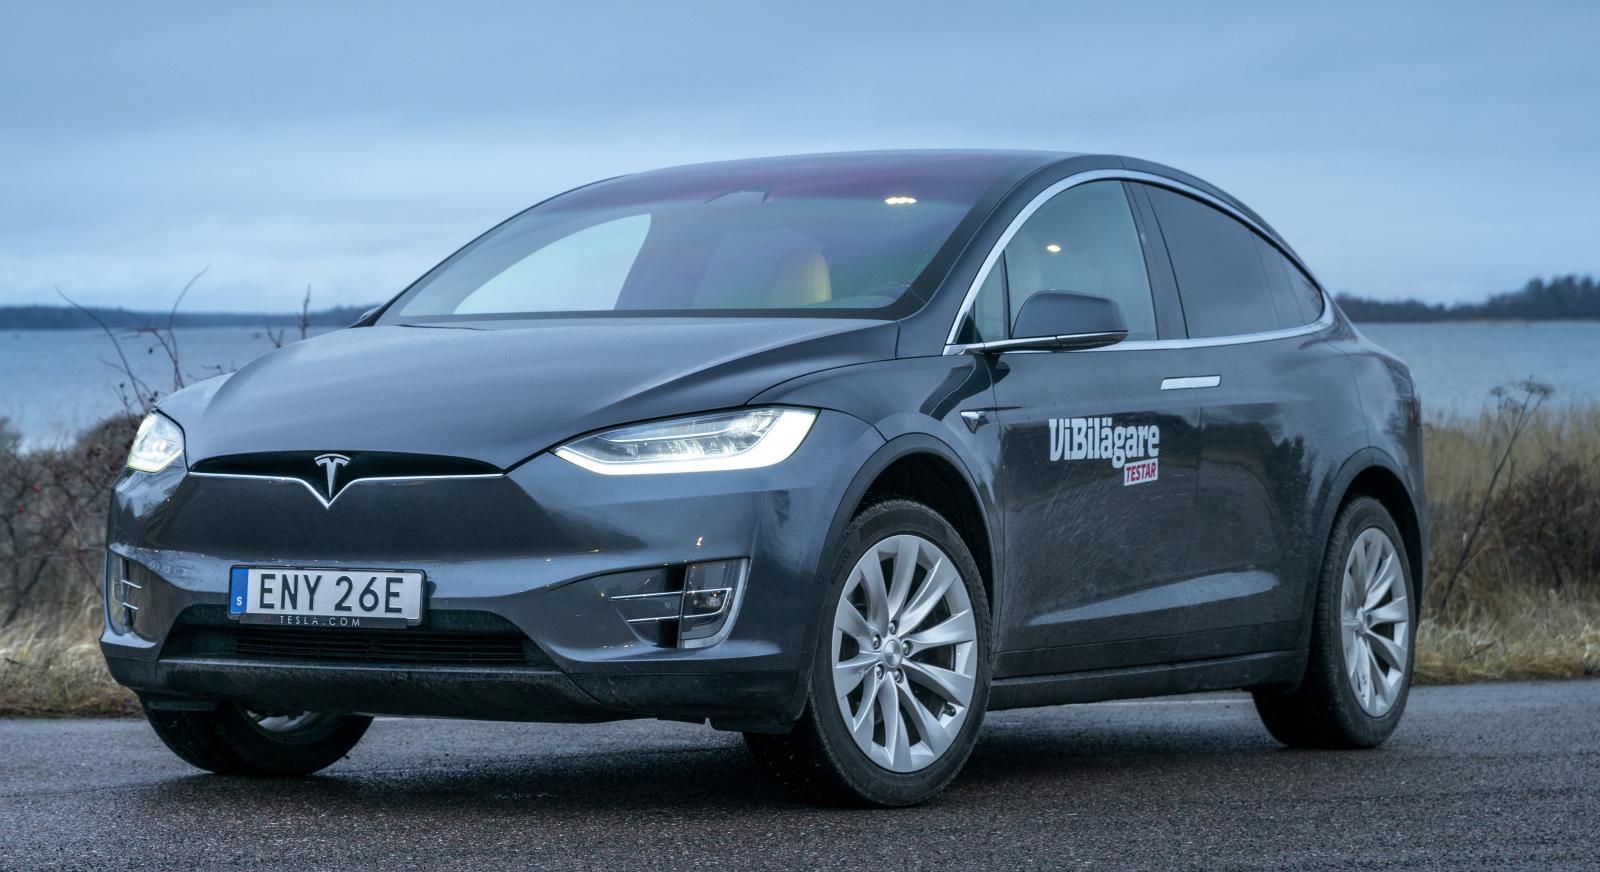 Teslas modeller har generellt sett låg förbrukning i förhållande till storleken och prestandan. Kombinerat med stora batteripaket ger det lång räckvidd.